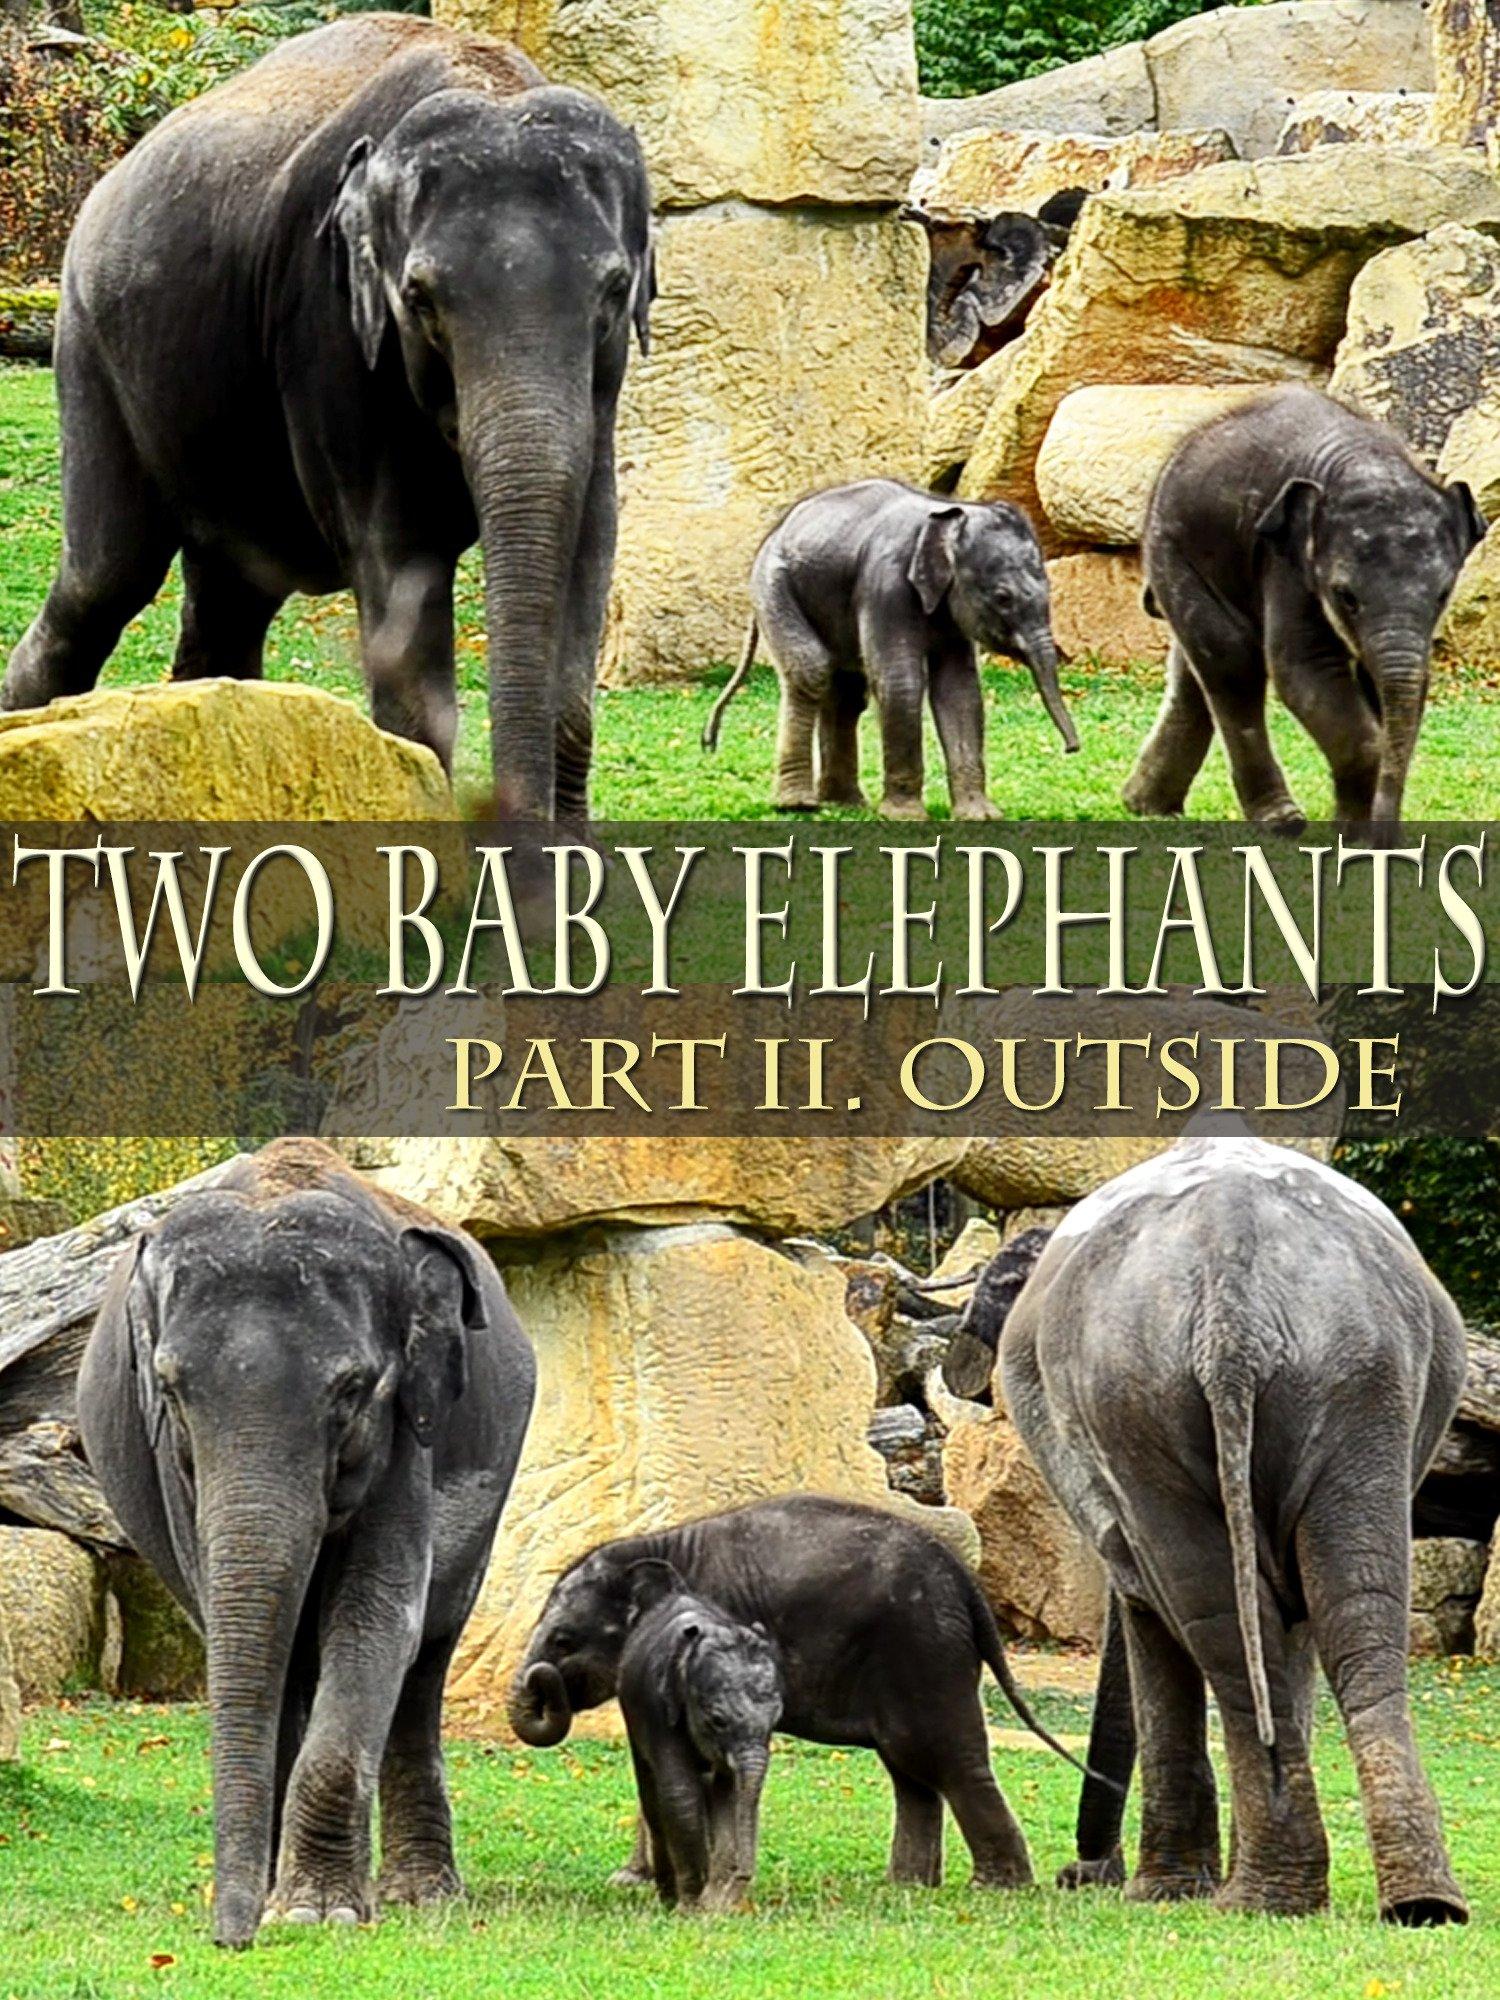 Two Baby Elephants, Part II: Outside